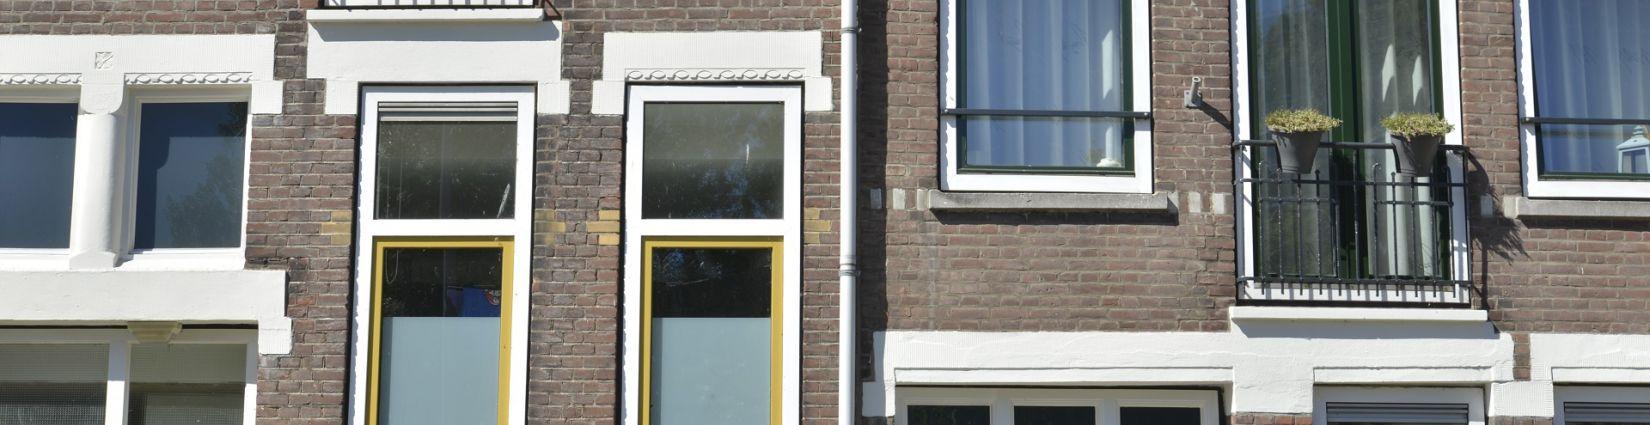 Zwaanshals Rotterdam - kunststof kozijnen